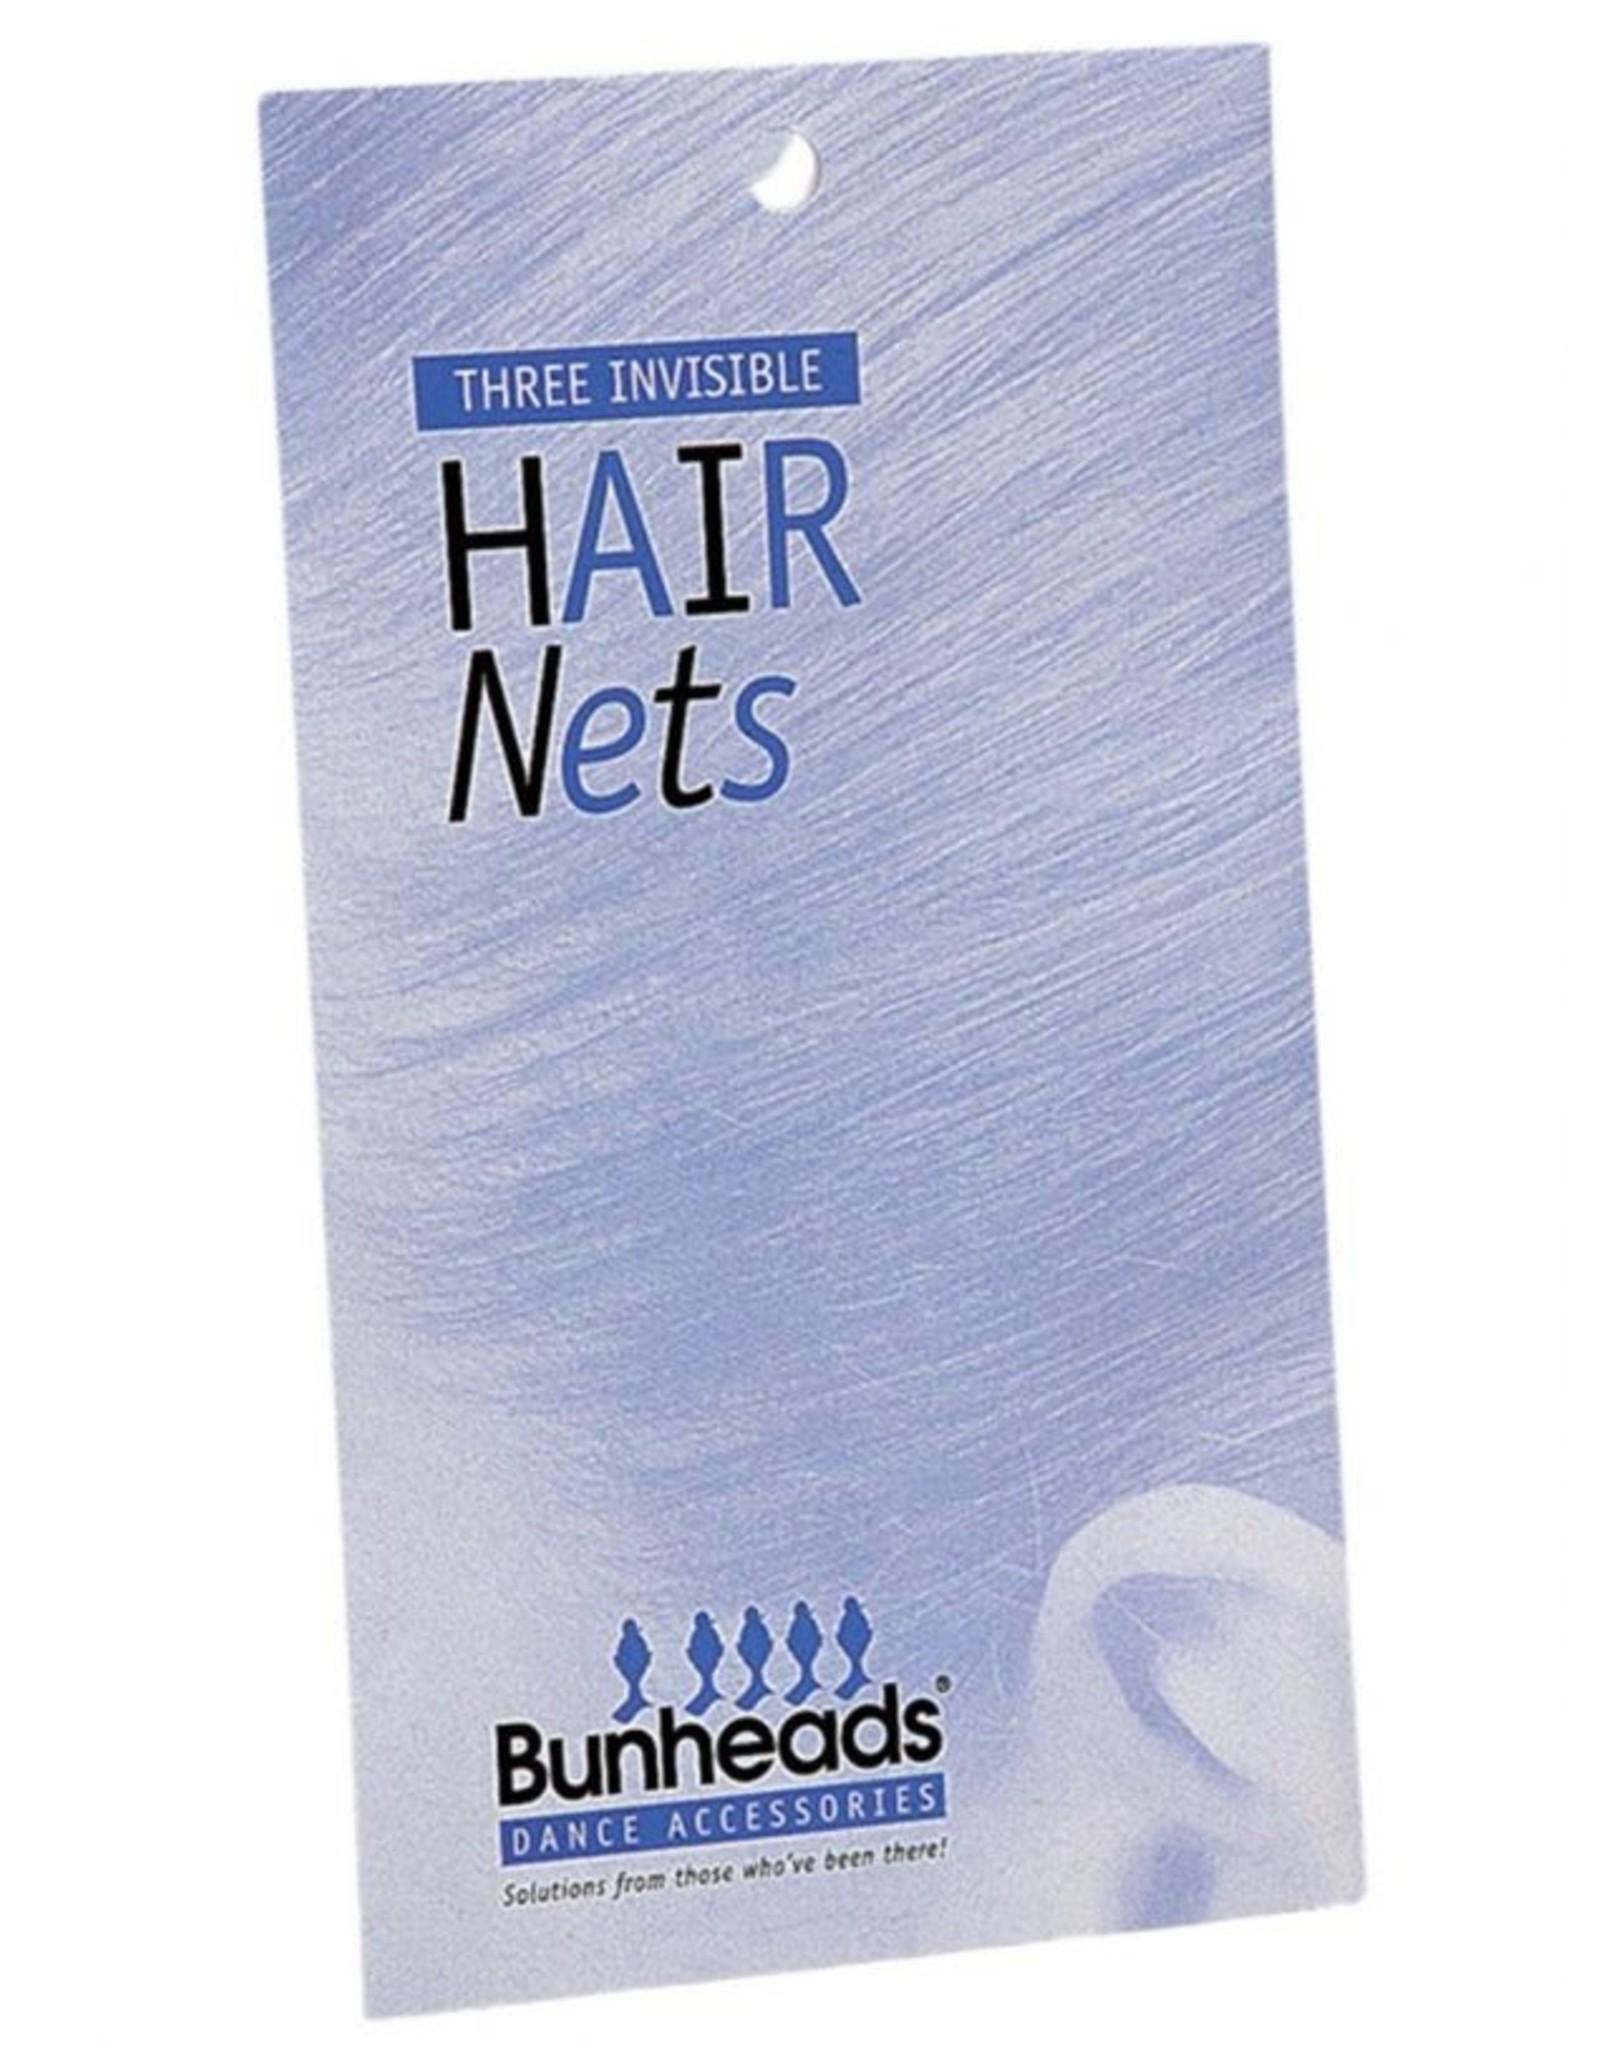 Bunheads BH425 AUBURN  HAIR NETS ONE 3 per pack